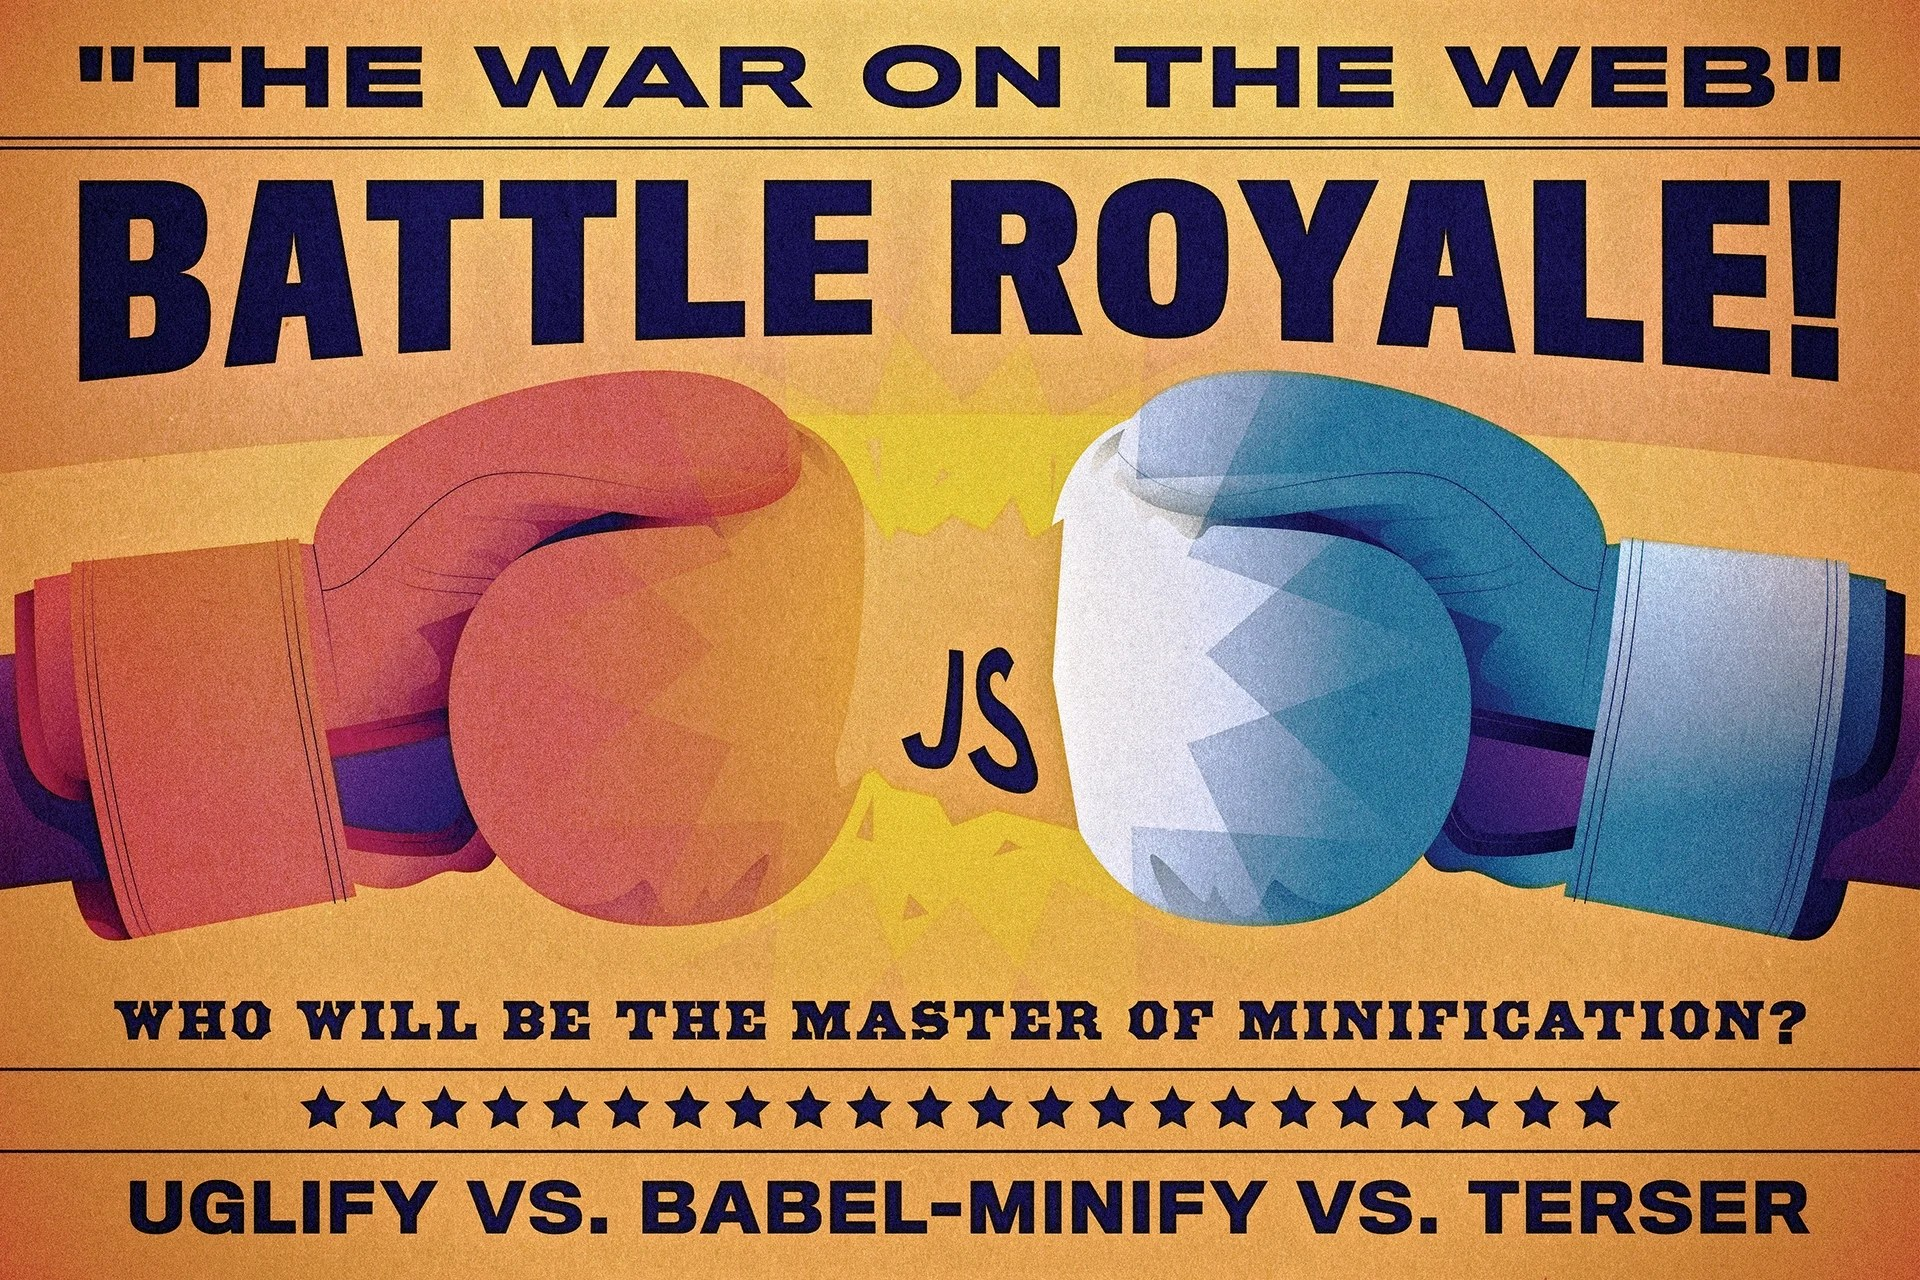 Uglify vs. Babel-minify vs. Terser